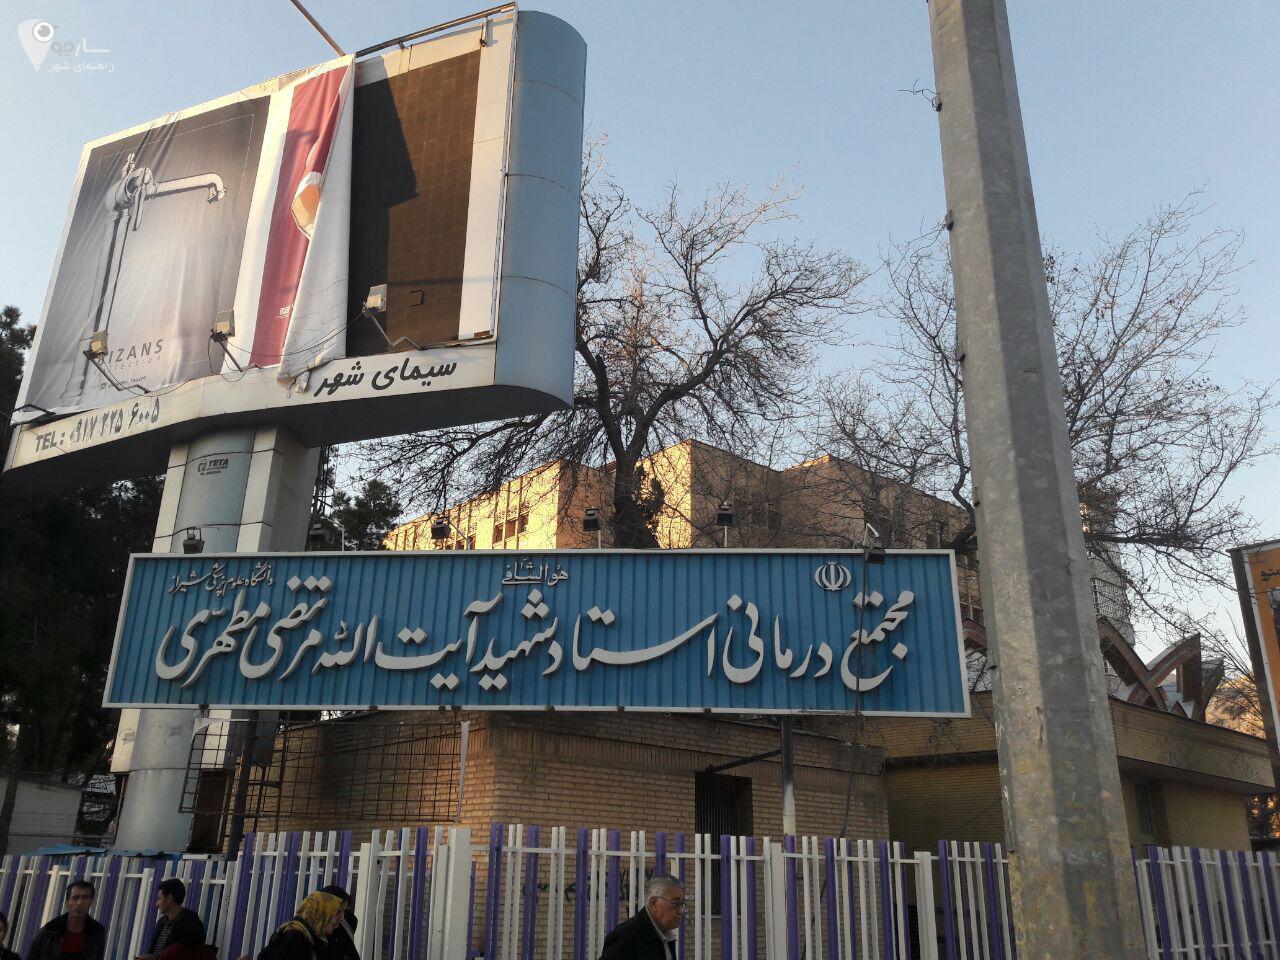 درمانگاه مطهری شیراز | نوبت دهی درمانگاه مطهری شیراز | درمانگاه مطهری